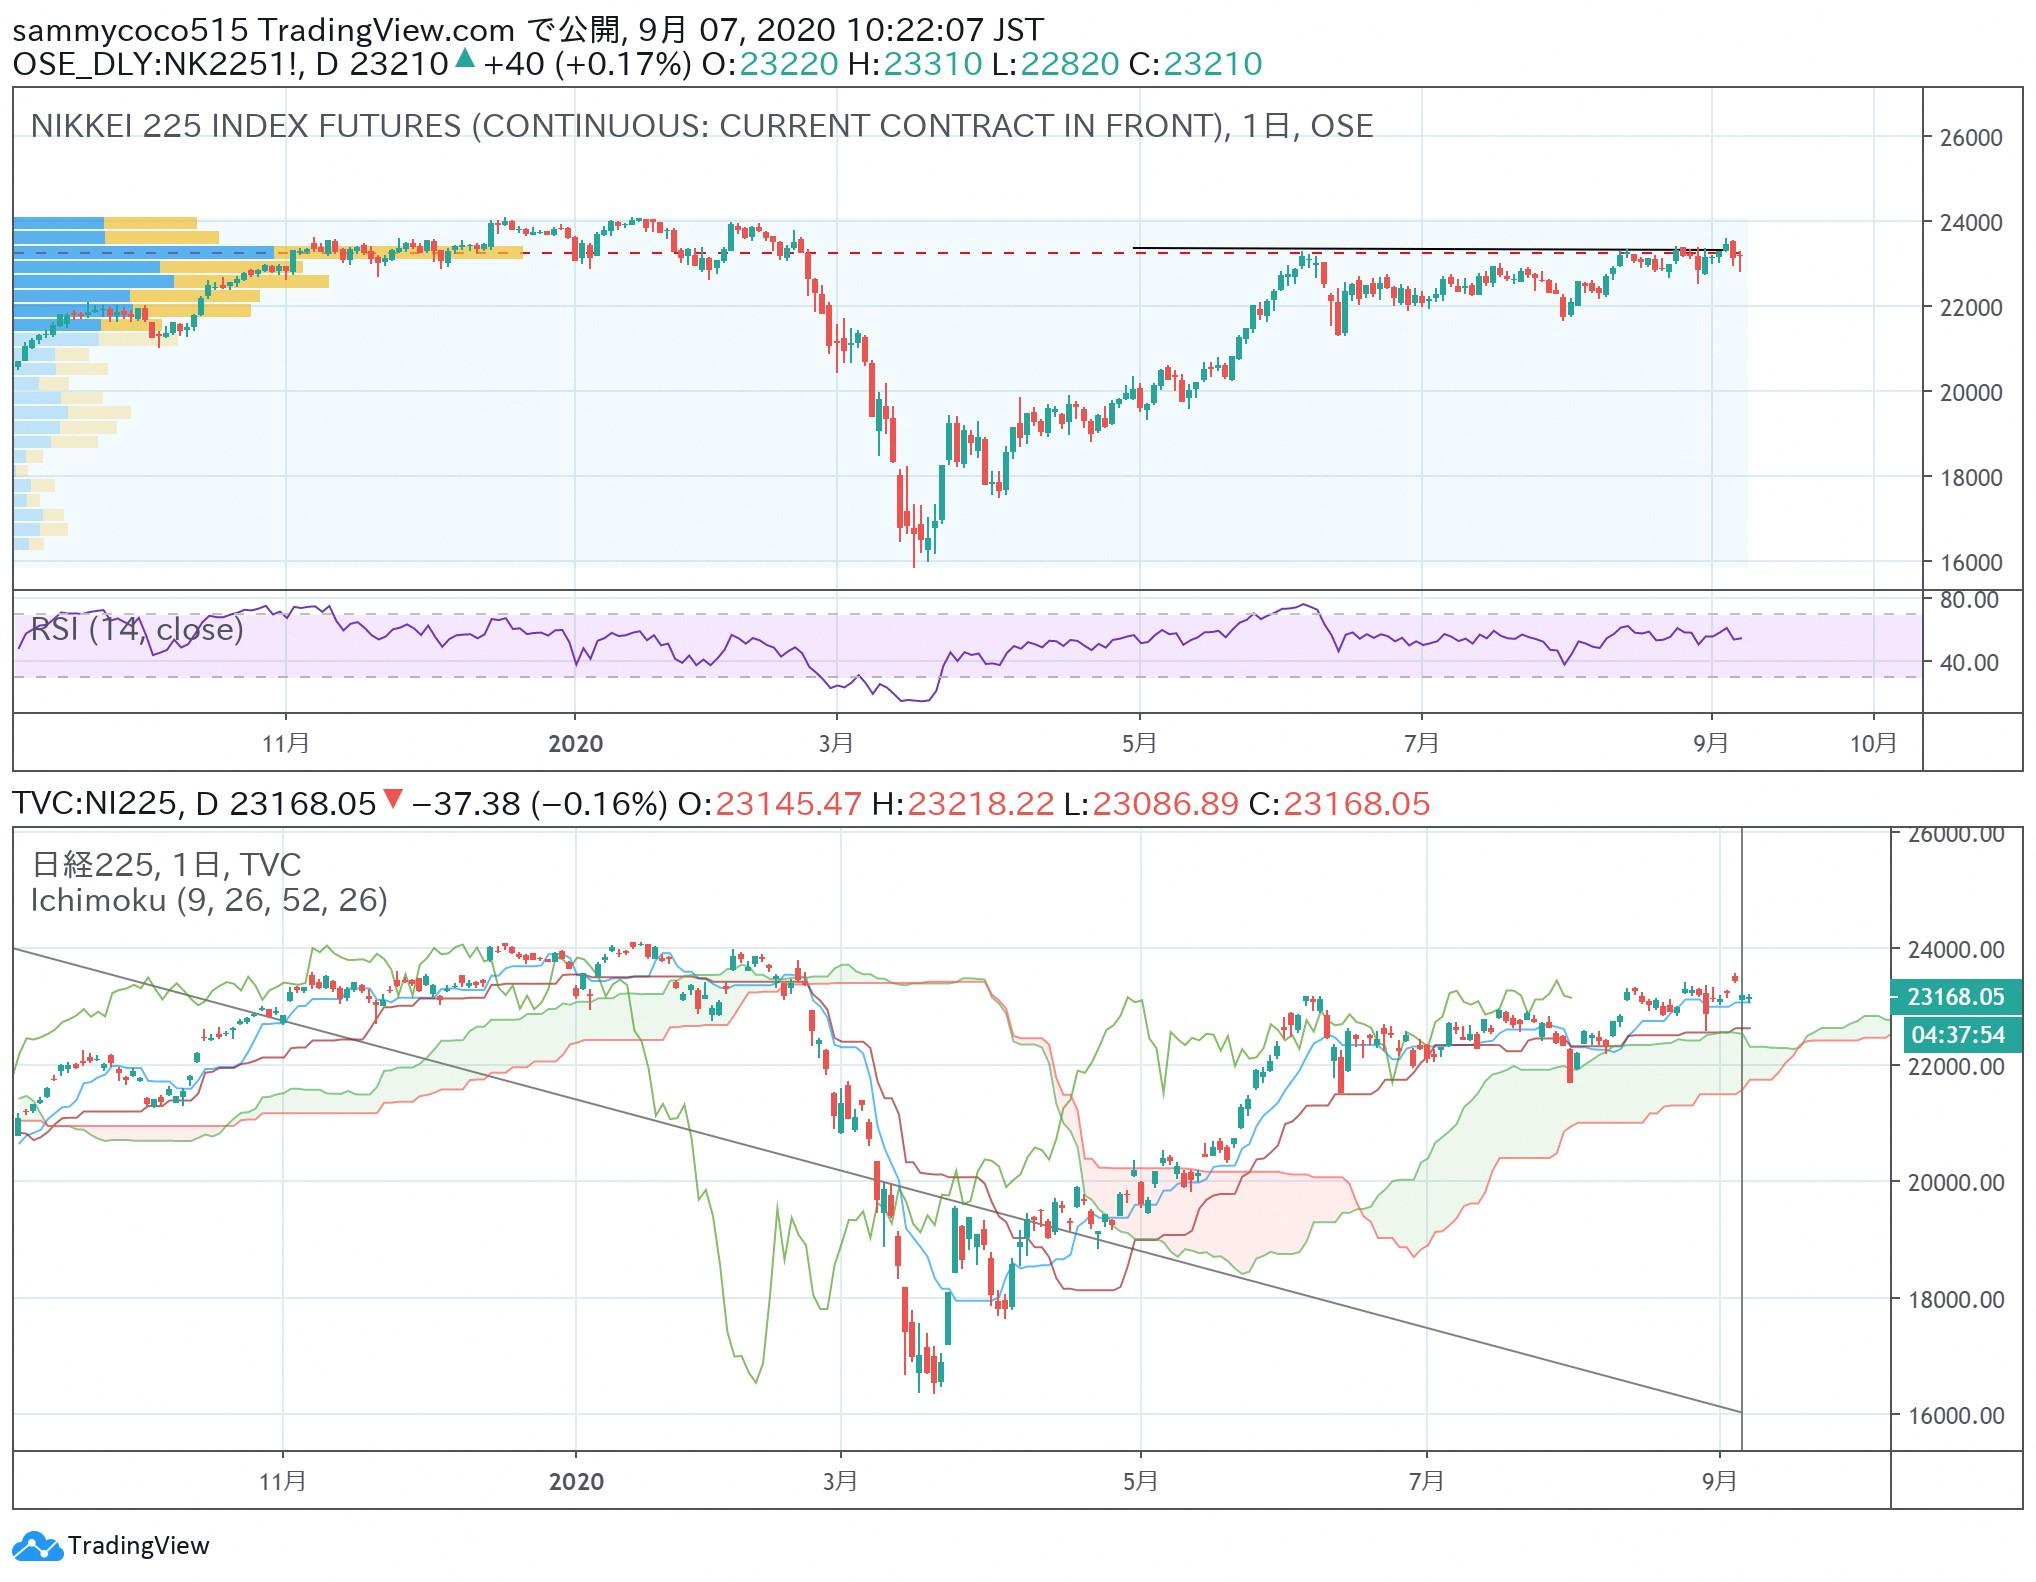 东京外汇股市日评:日经指数期货晚盘大幅回落,美元兑日元汇率横盘振荡